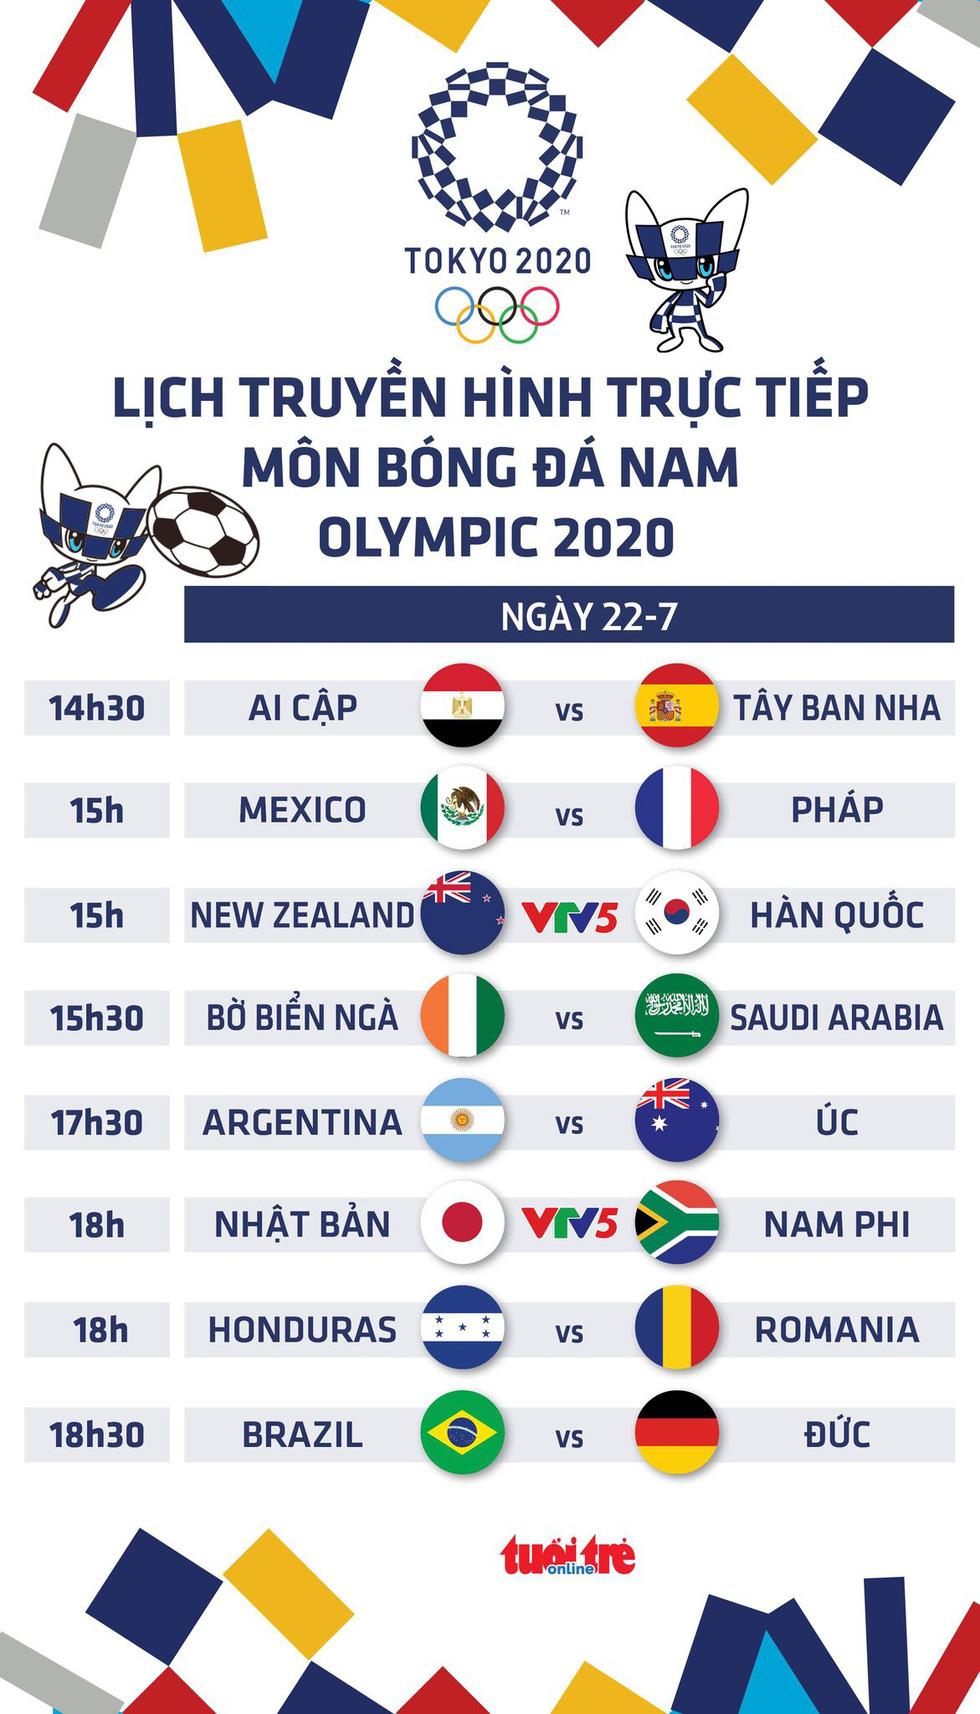 Lịch trực tiếp môn bóng đá nam Olympic ngày 22-7 trên VTV - Ảnh 1.